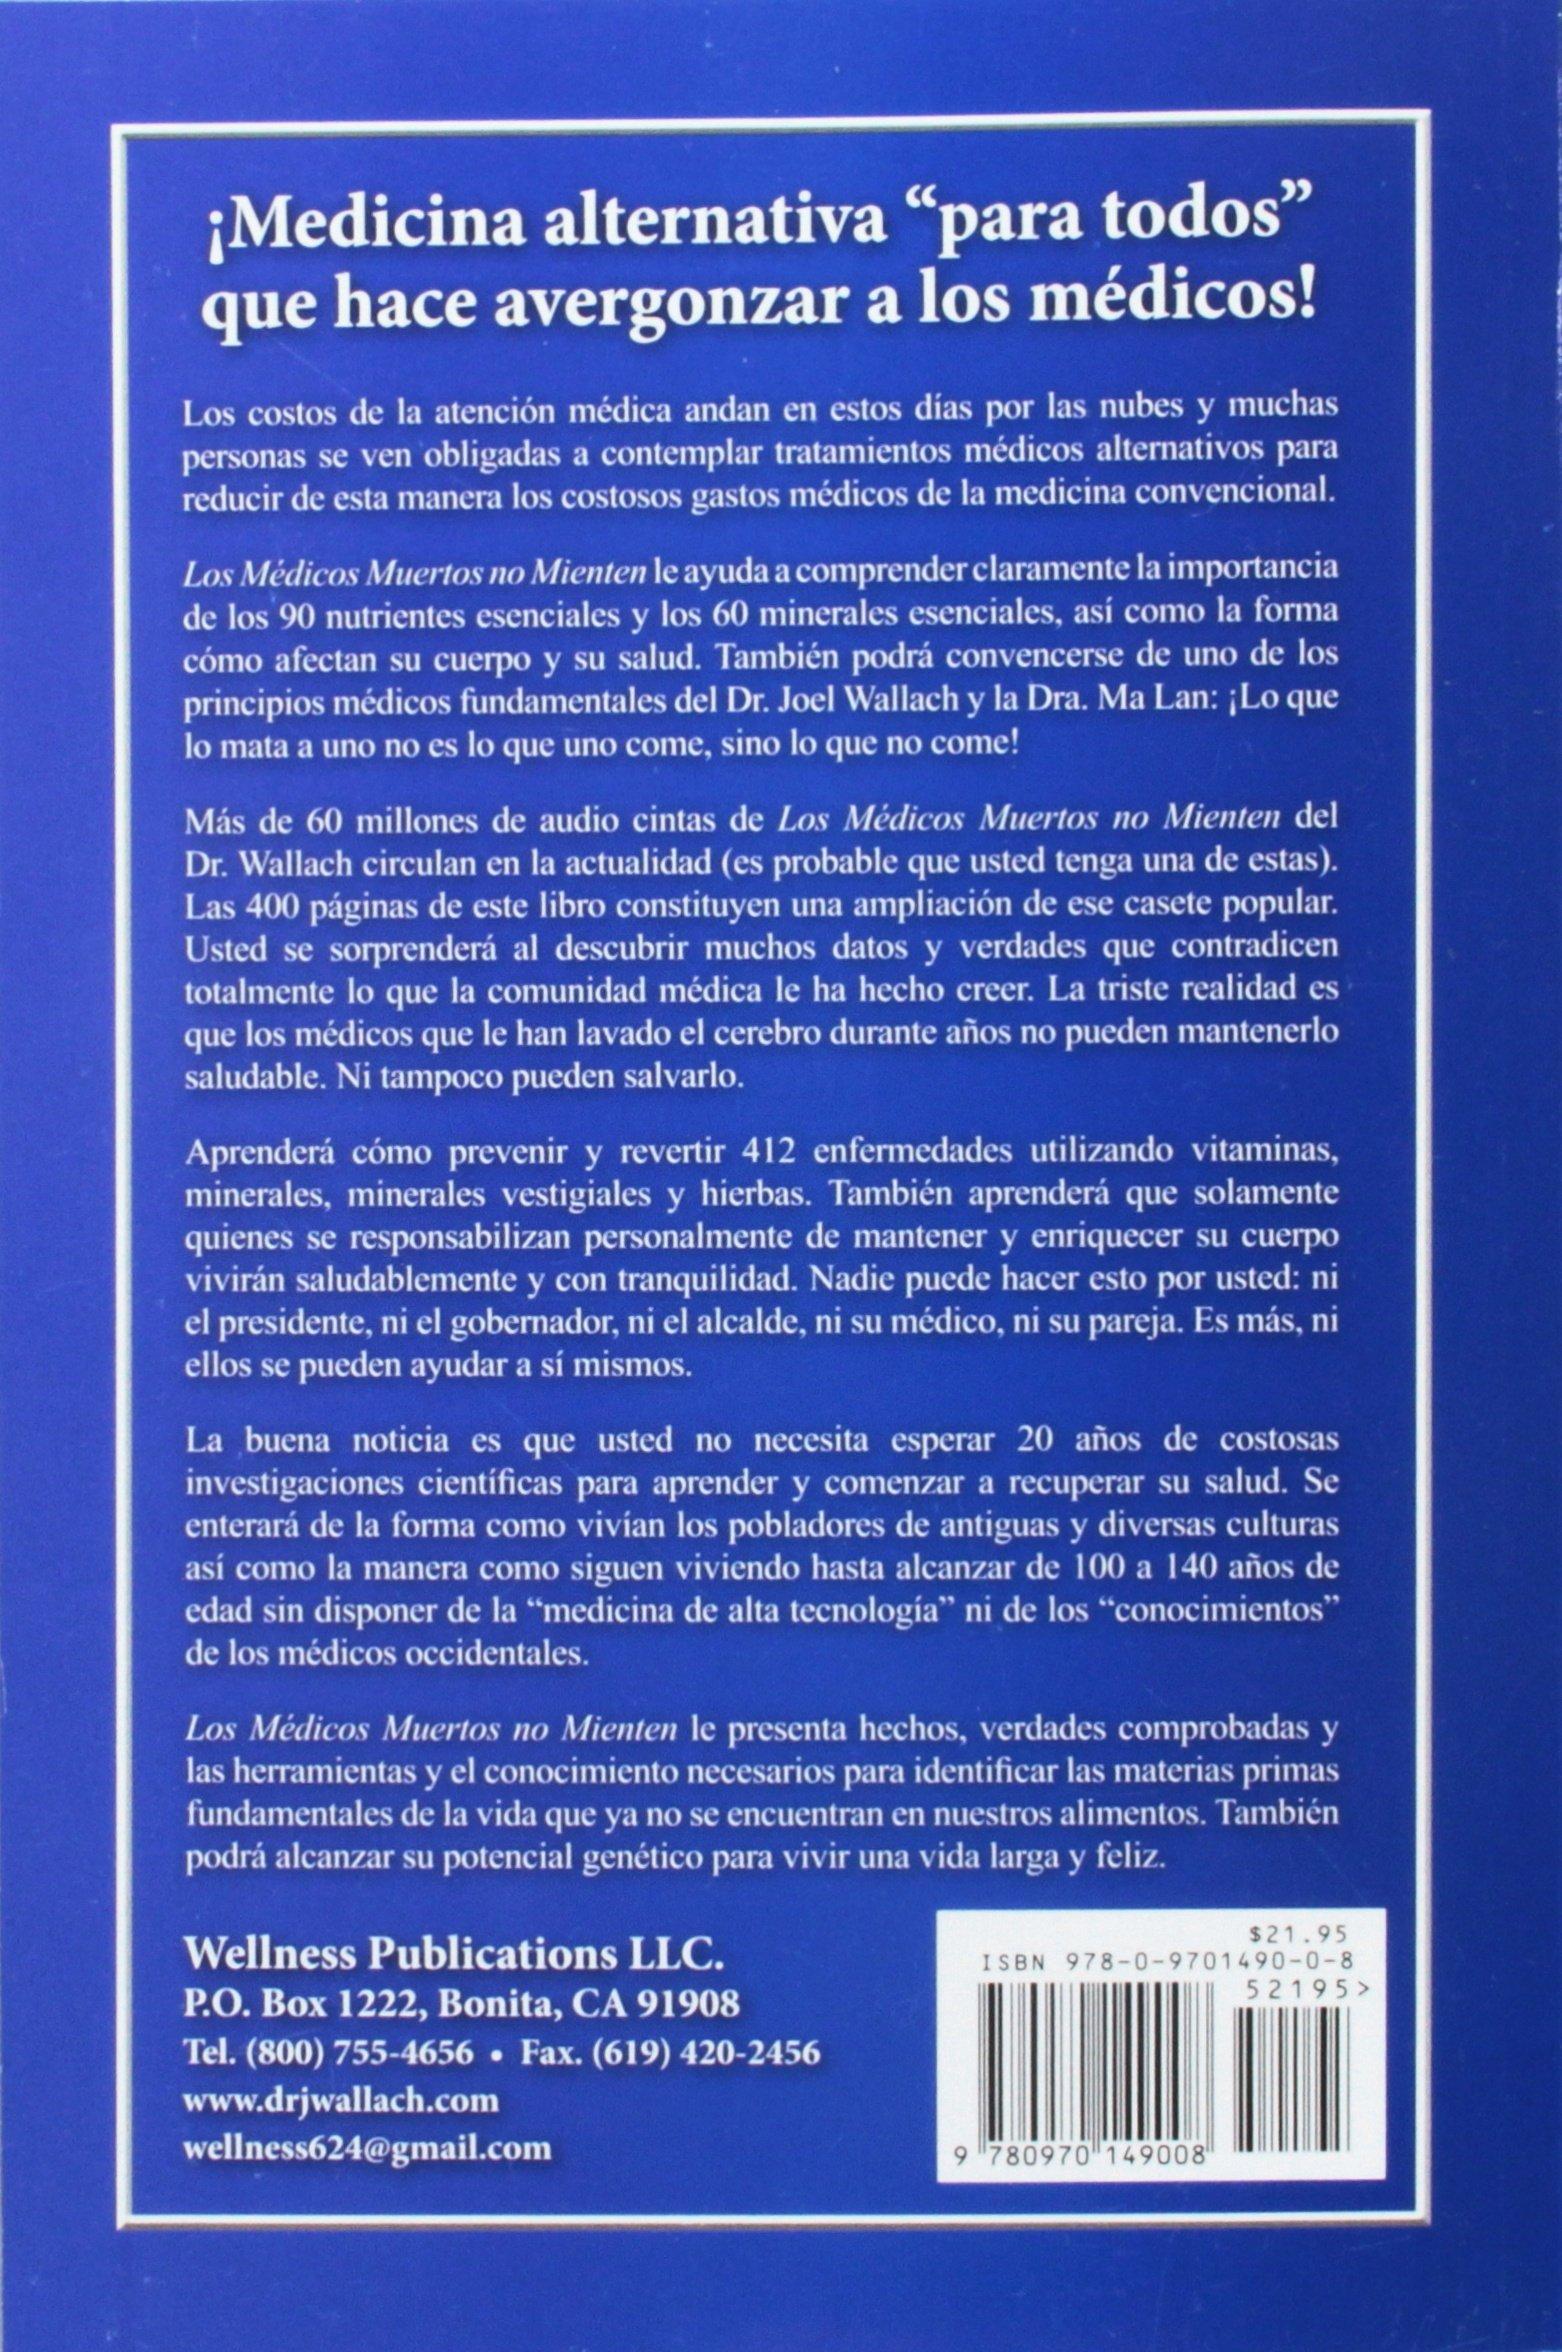 Los Medicos Muertos No Mienten (Spanish Edition): Dr. Joel D Wallach, Dr. Ma Lan, Nelly Cervantes, Luis Valdivia, na: 9780970149008: Amazon.com: Books